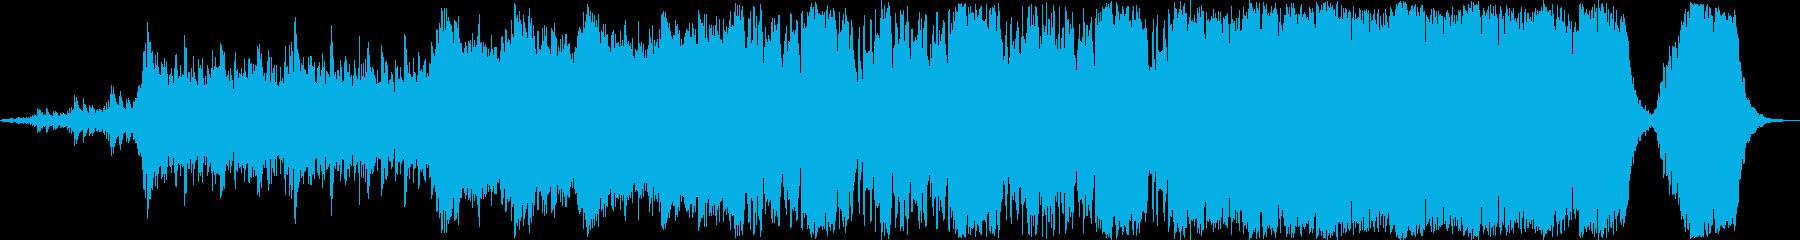 現代的 交響曲 プログレッシブ バ...の再生済みの波形